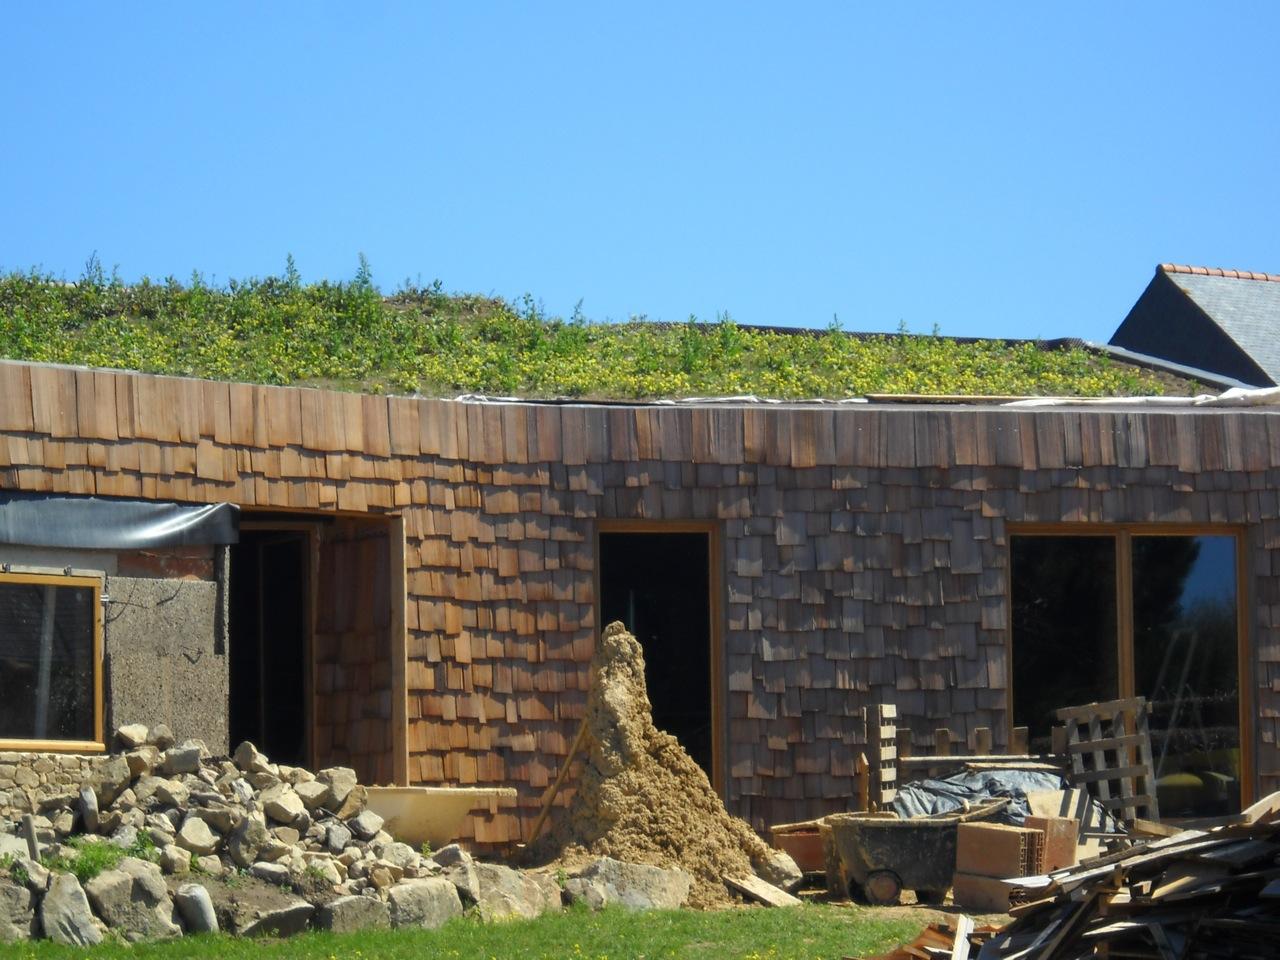 maison paille embruns d 39 herbe l 39 herbe sur le toit. Black Bedroom Furniture Sets. Home Design Ideas